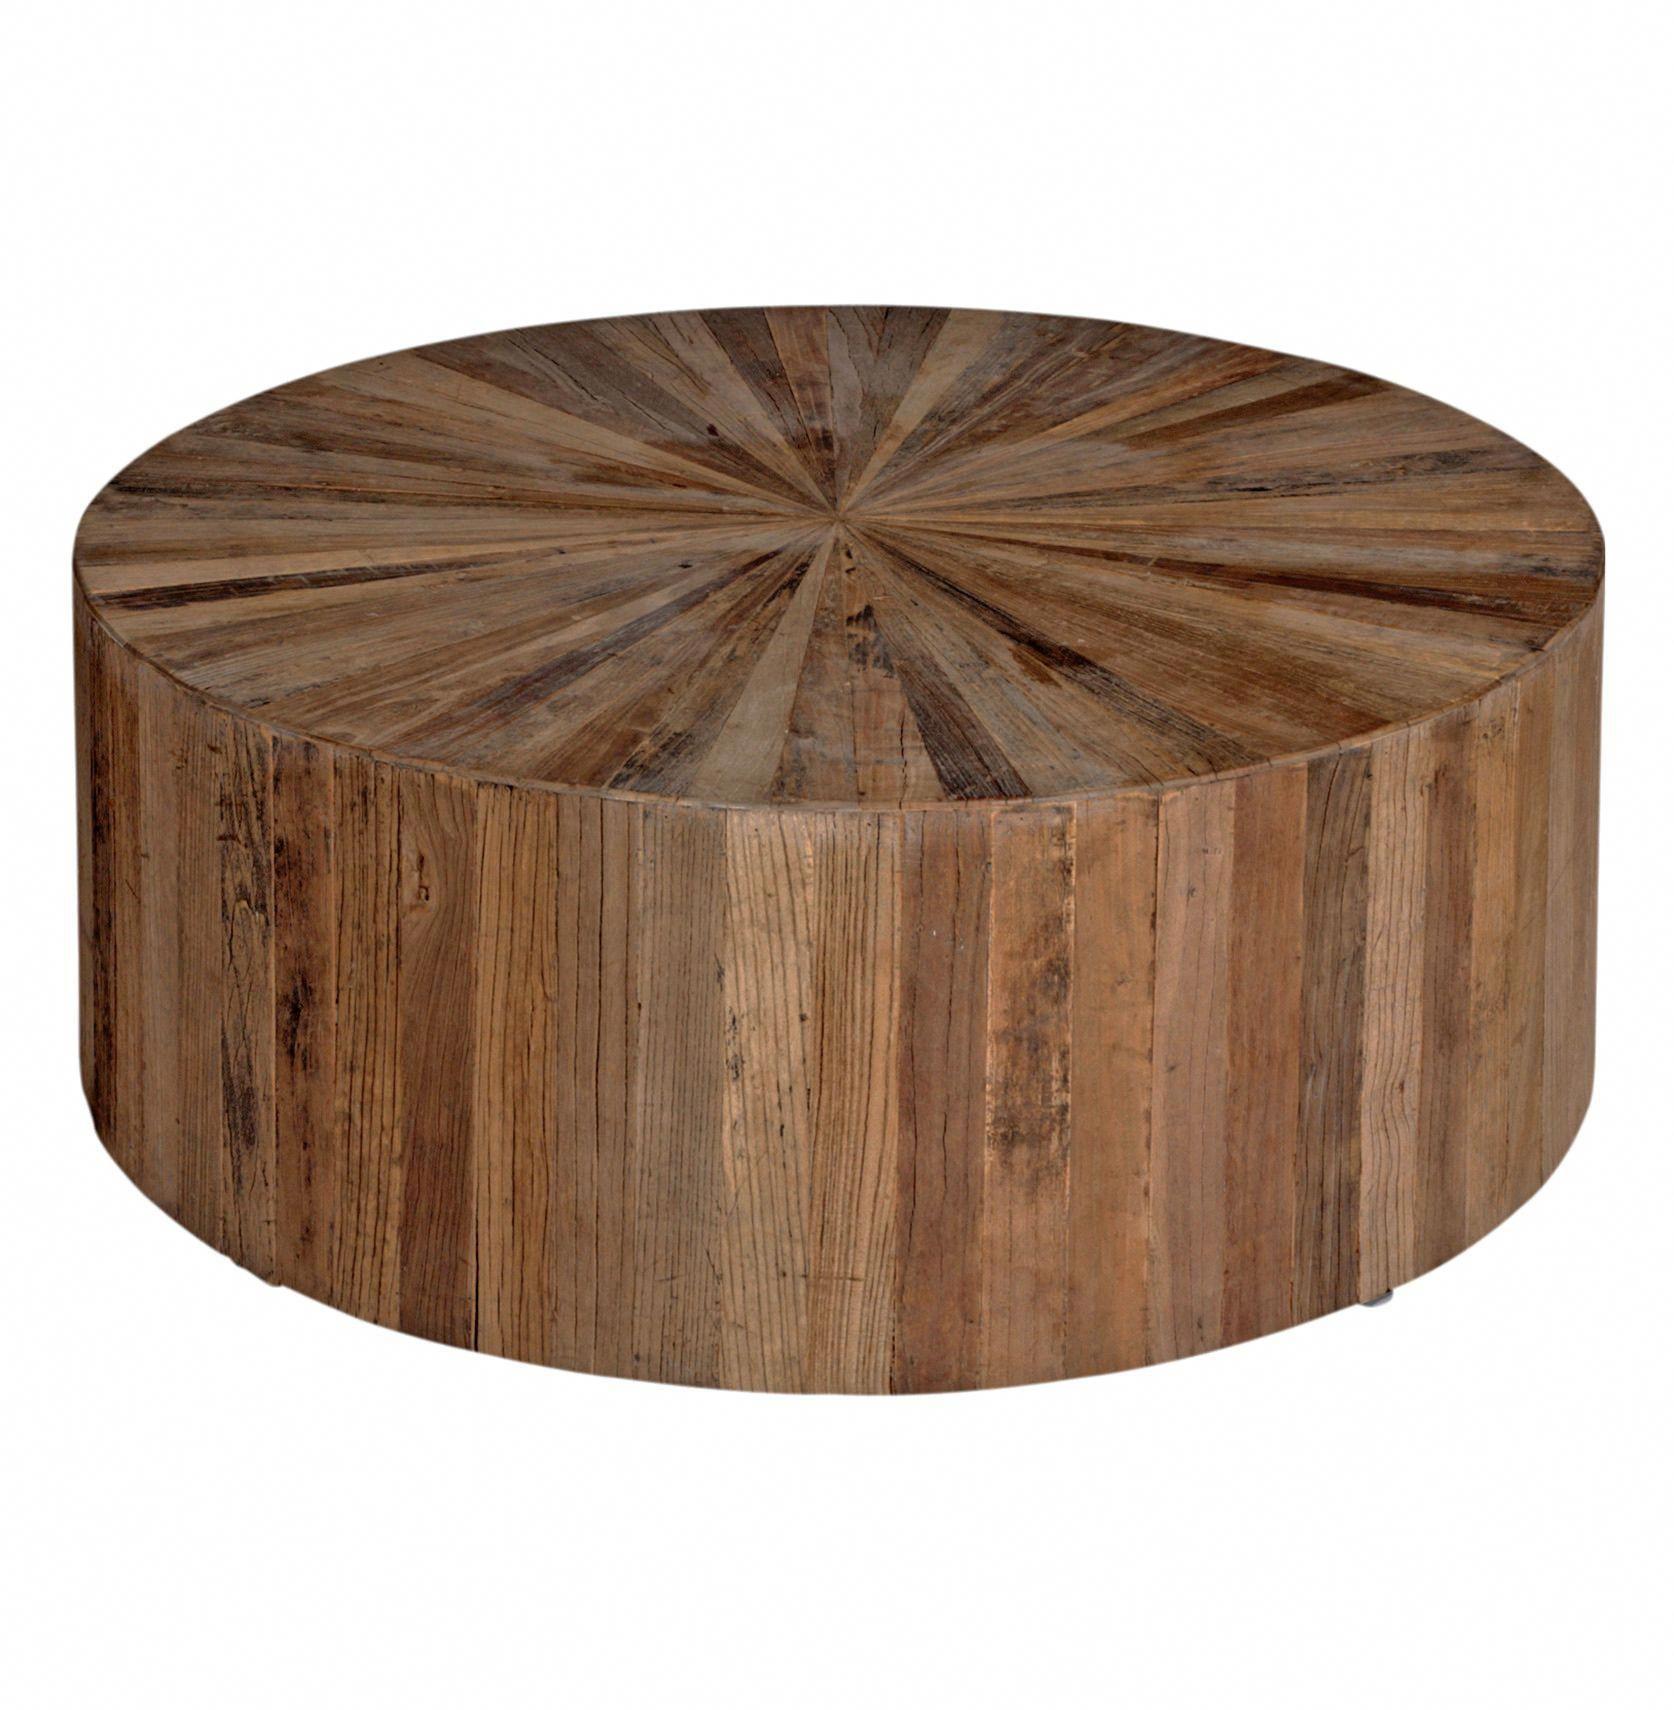 Cyrus Rustic Lodge Natural Brown Reclaimed Elm Wood Drum Round Block Coffee Table Drum Coffee Table Circular Coffee Table Round Wood Coffee Table [ 1710 x 1674 Pixel ]